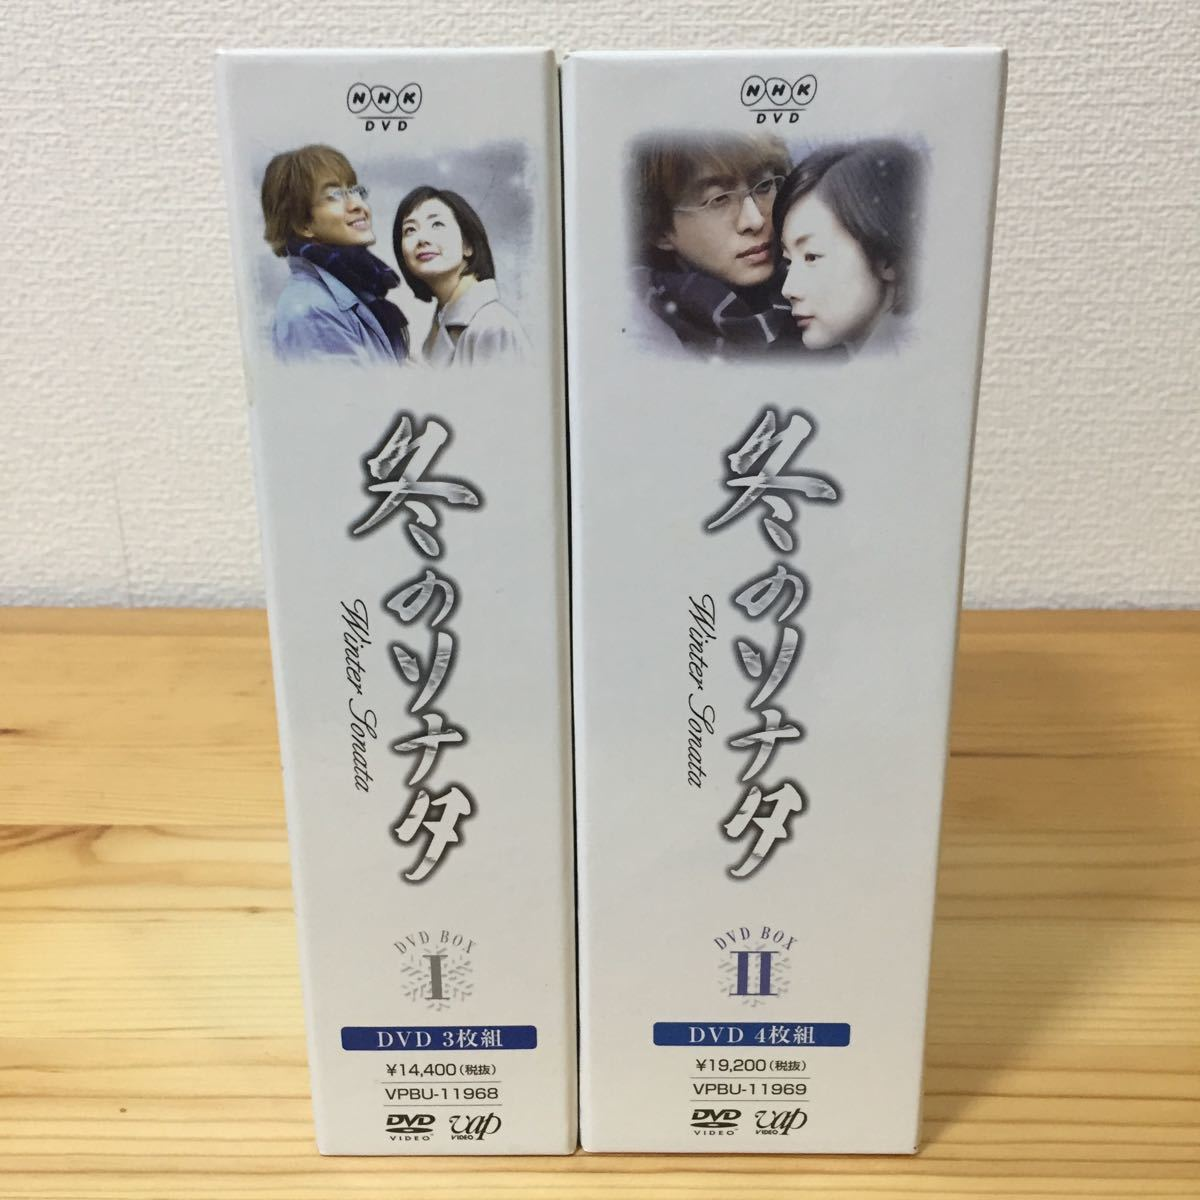 冬のソナタ DVD-BOX 1 2 セット I II 全巻セット 全話